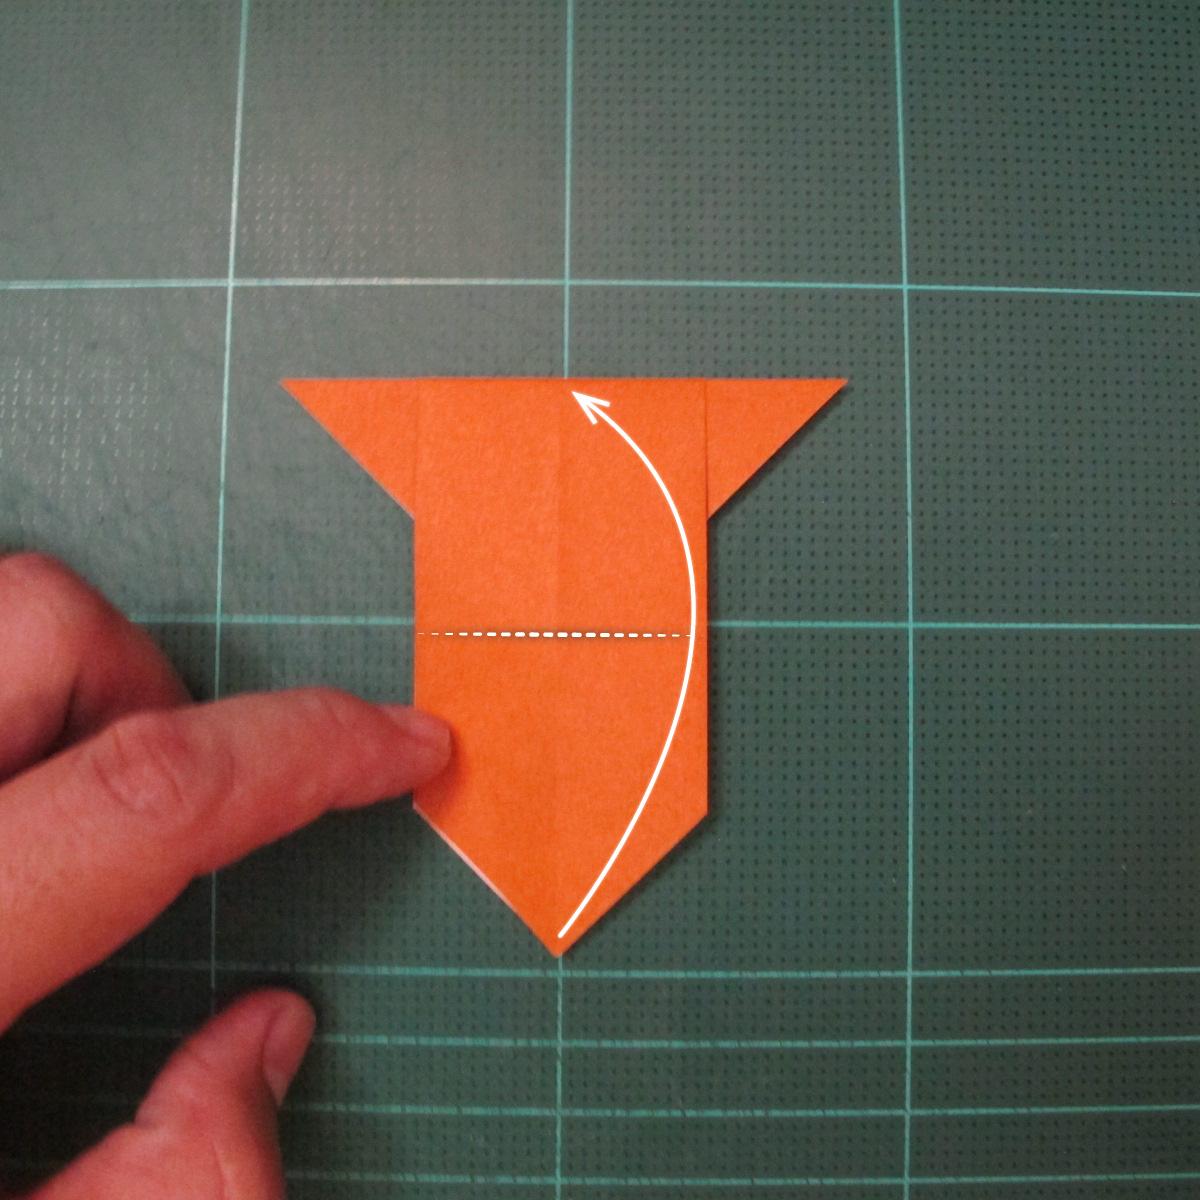 วิธีพับกระดาษเป็นที่คั่นหนังสือรูปหมาบูลด็อก (Origami Bulldog Bookmark) 005